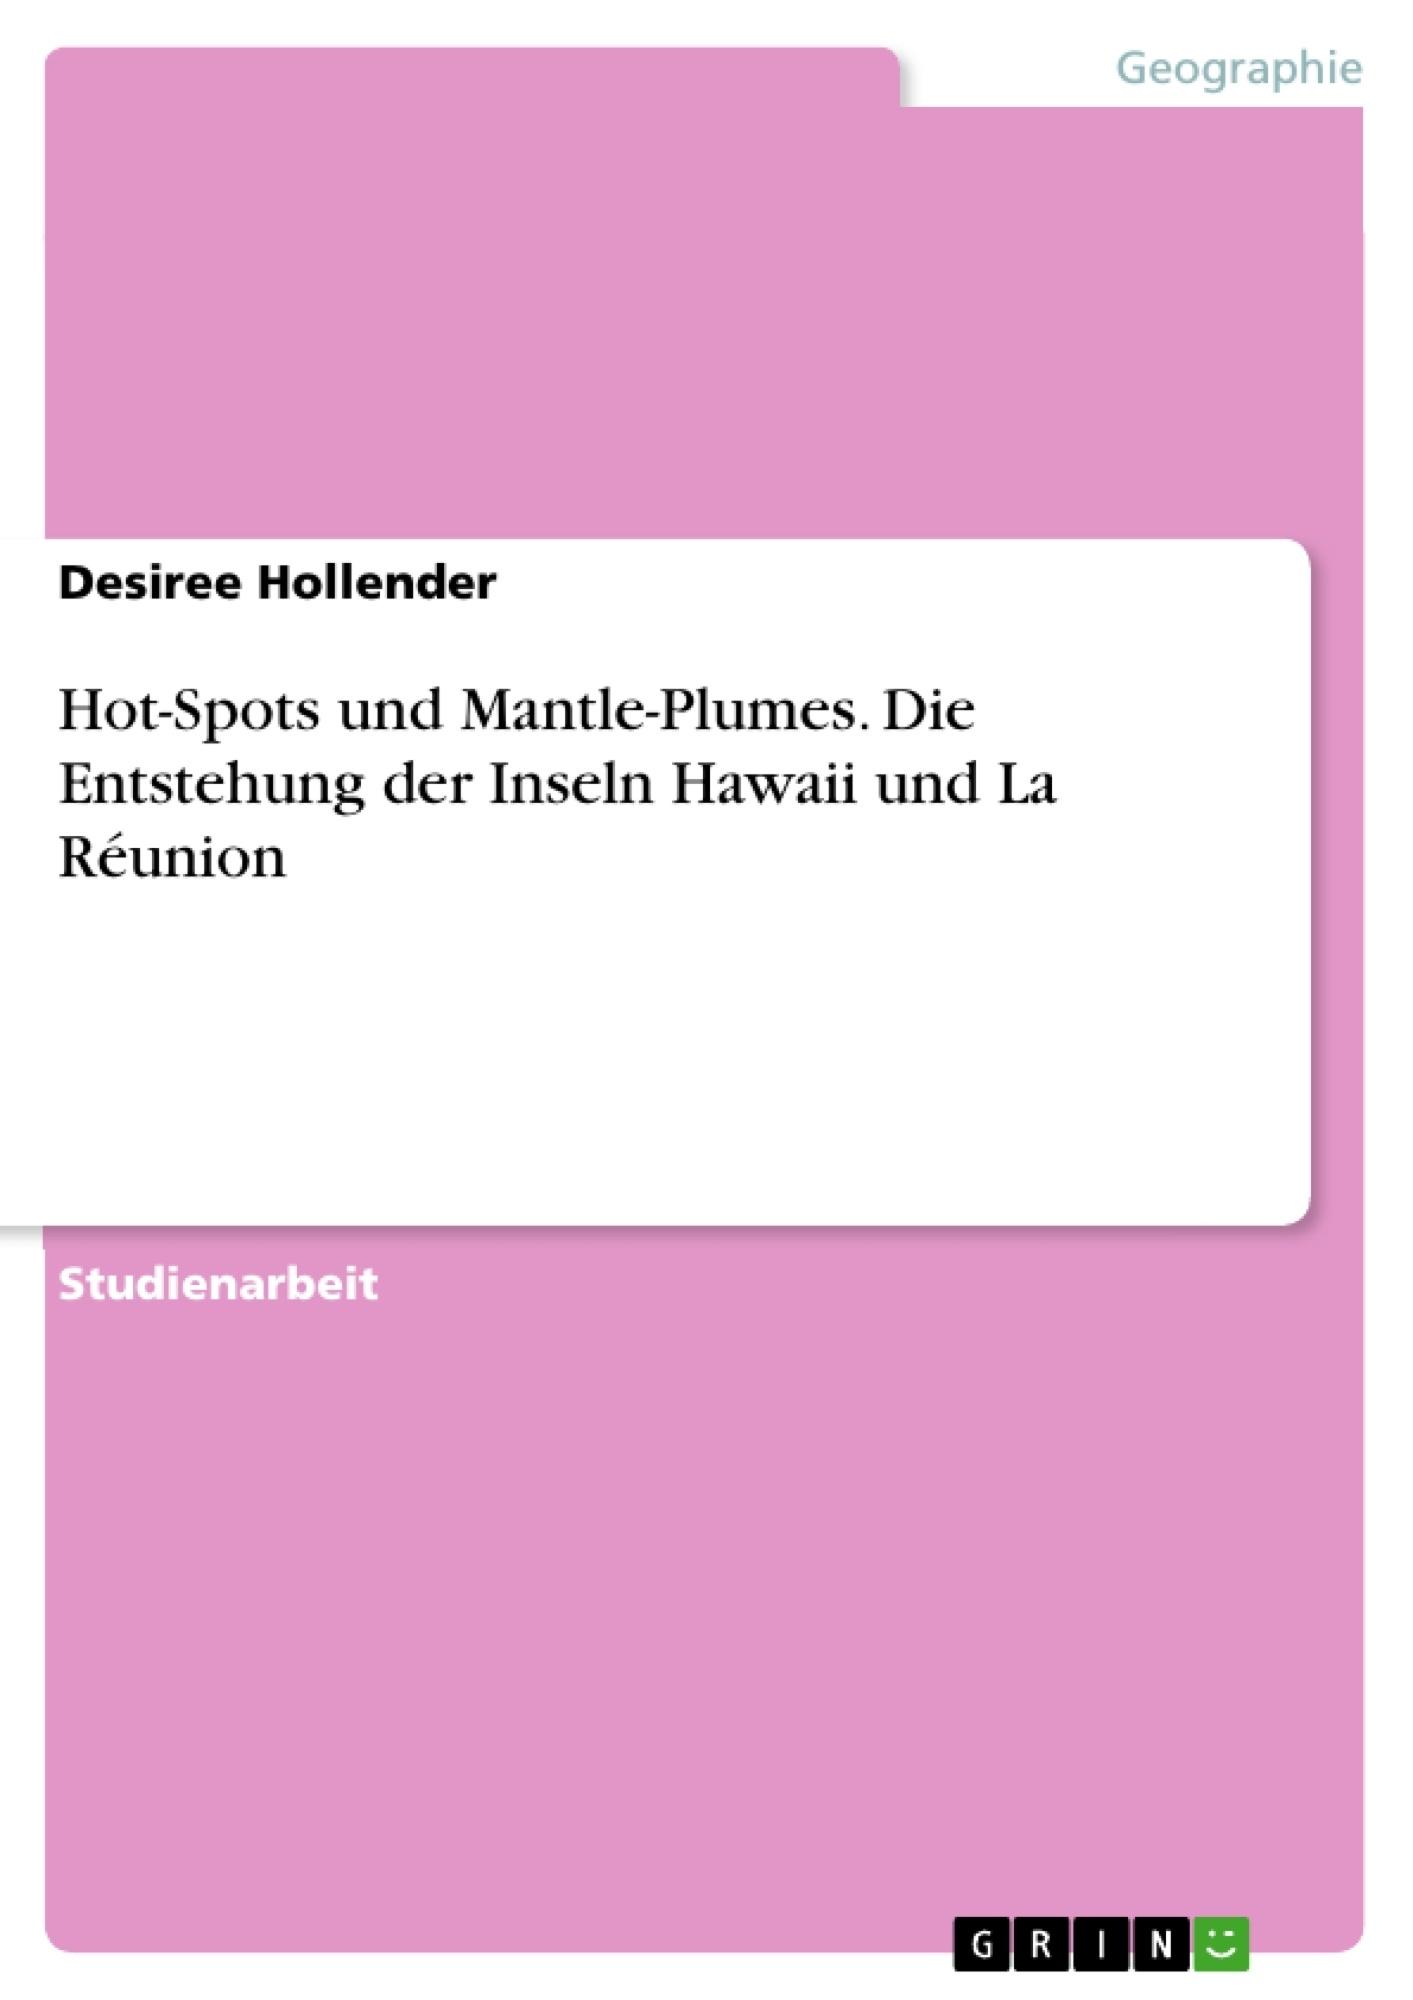 Titel: Hot-Spots und Mantle-Plumes. Die Entstehung der Inseln Hawaii und La Réunion